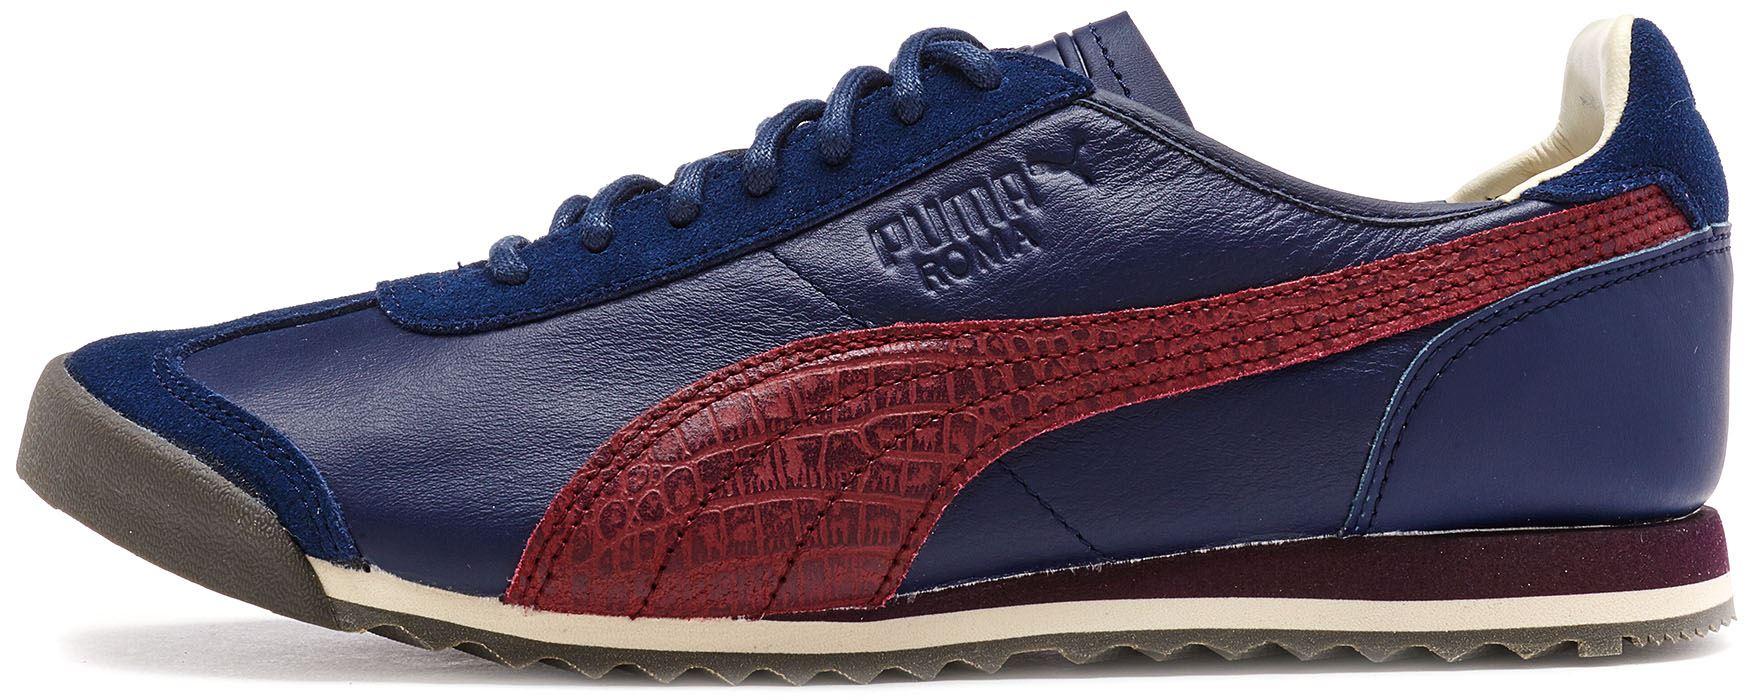 Puma ROMA og Citi SERIE Scarpe da ginnastica pelle in blu navy 361164 03